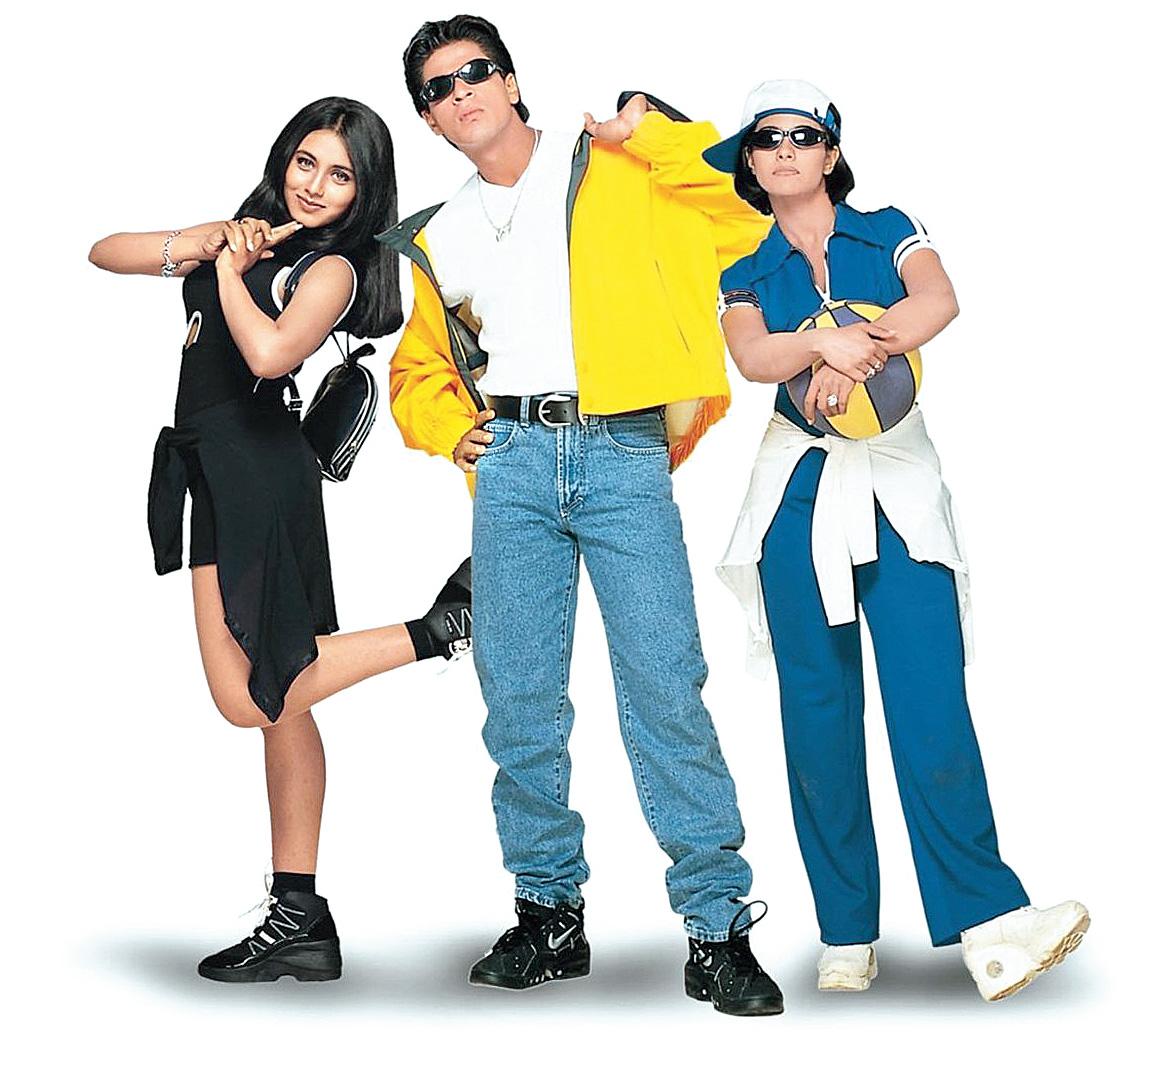 From left: Rani Mukerji, Shah Rukh Khan and Kajol in Kuch Kuch Hota Hai.